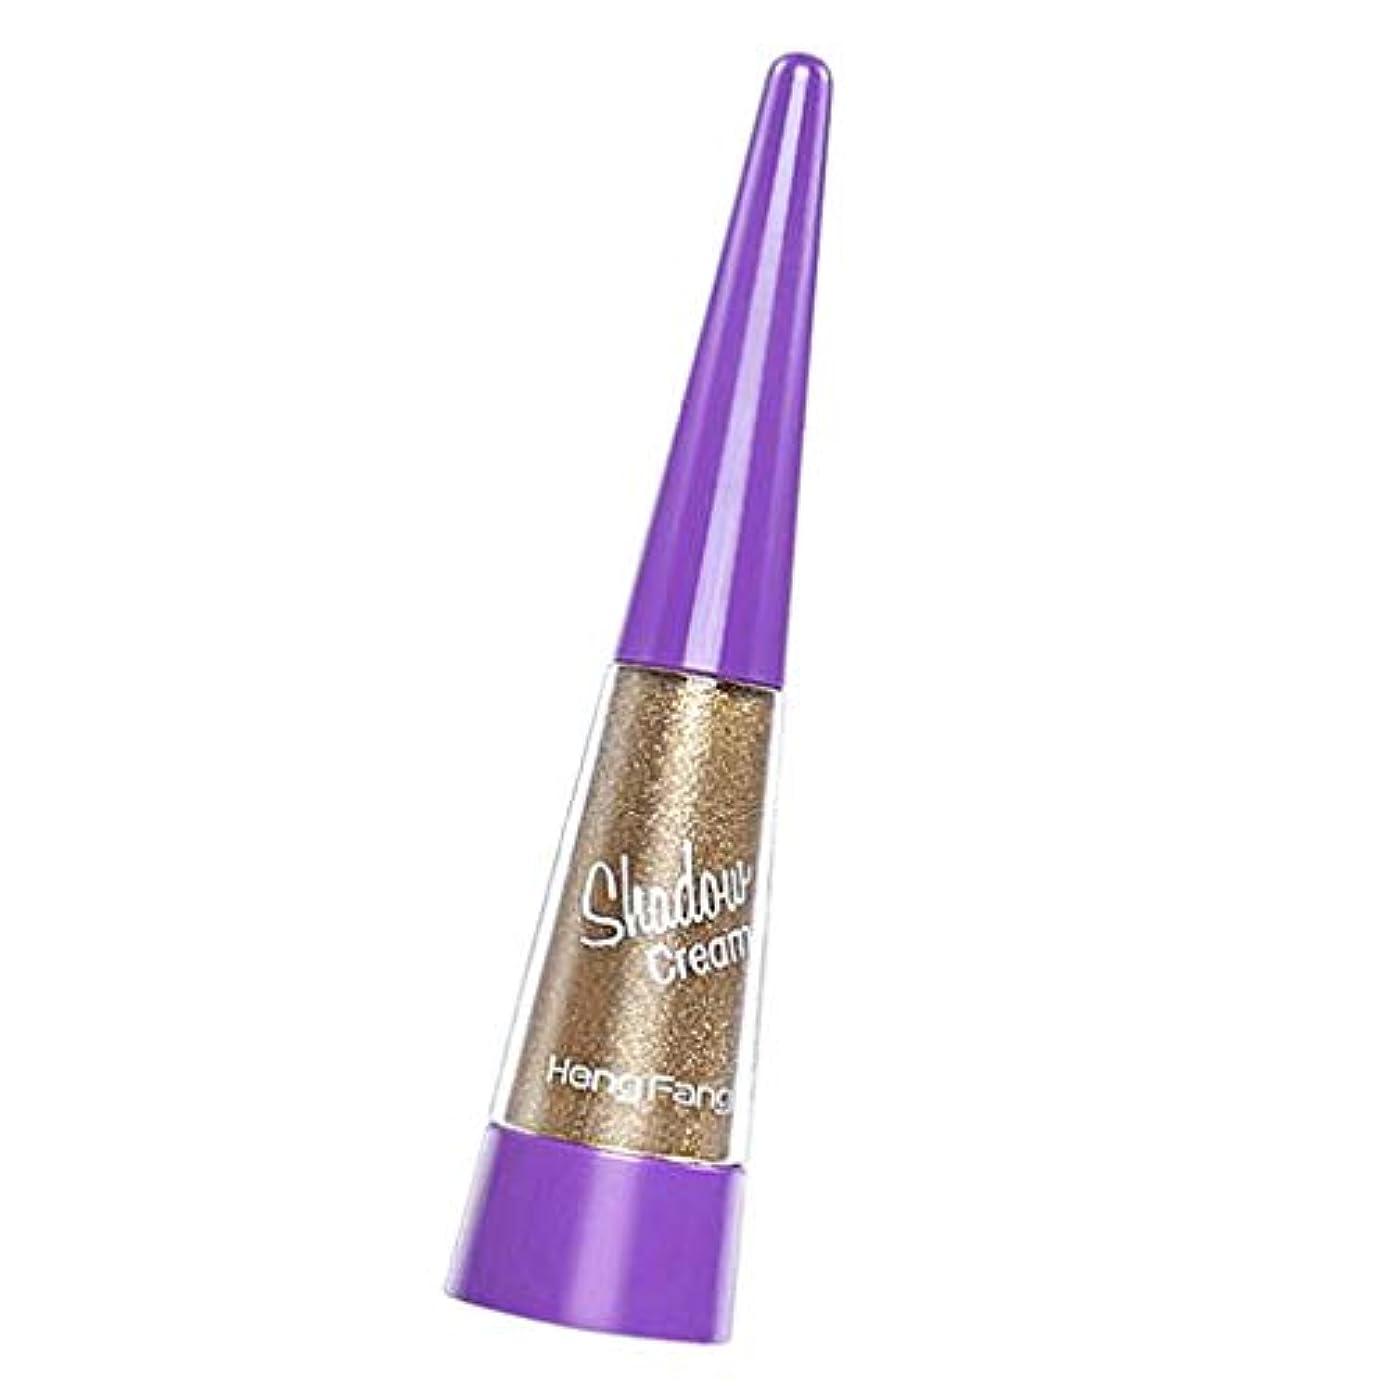 融合新鮮な六光沢のあるパール光沢のメイクアップアイシャドーグリッター液体のアイシャドウの美しさツール - 12